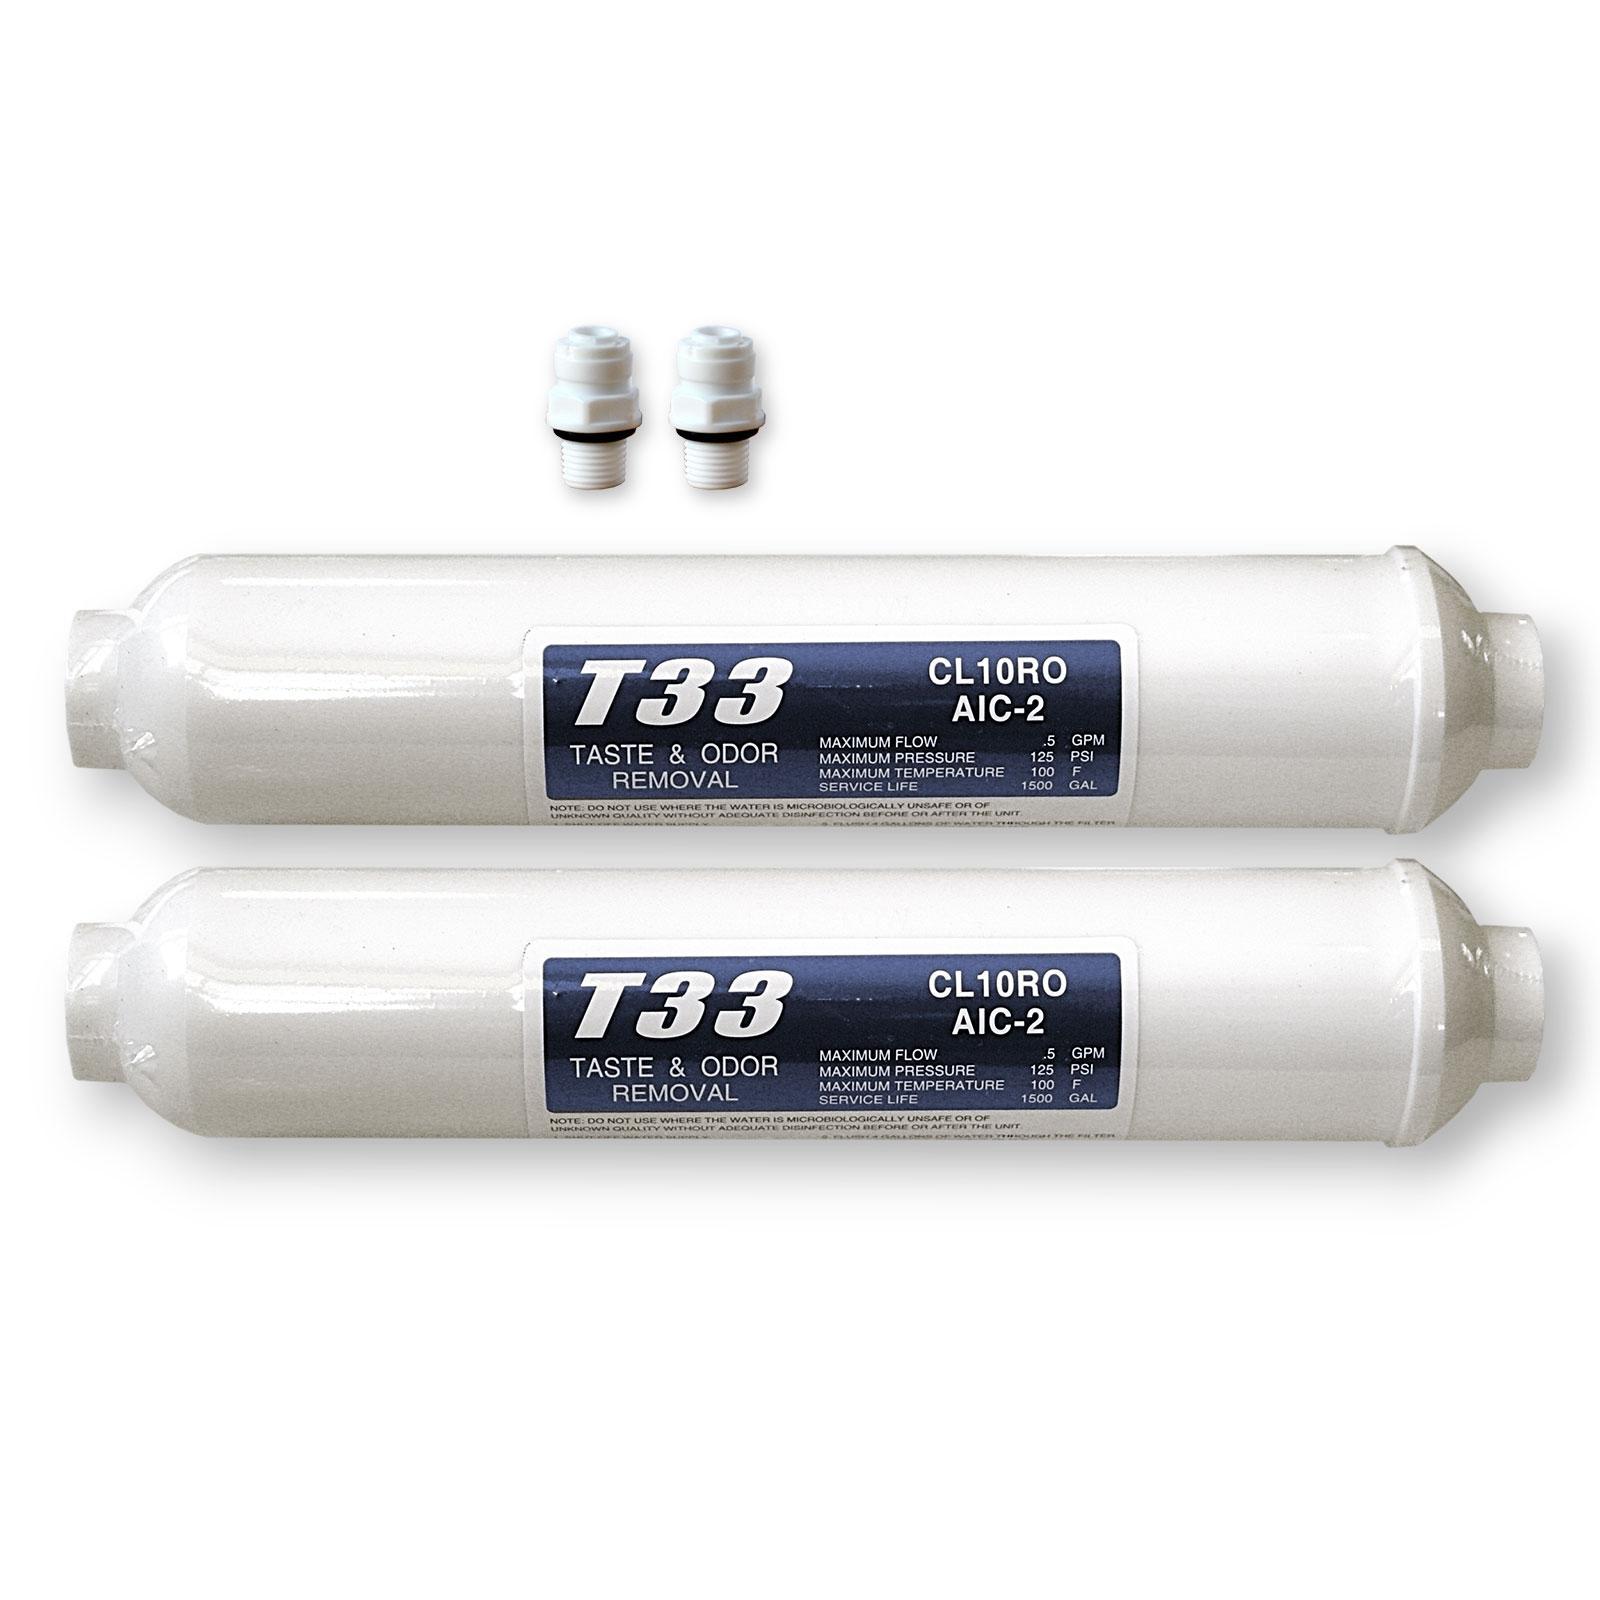 2x externer Wasserfilter für SBS Kühlschrank T33 Kühlschrankfilter